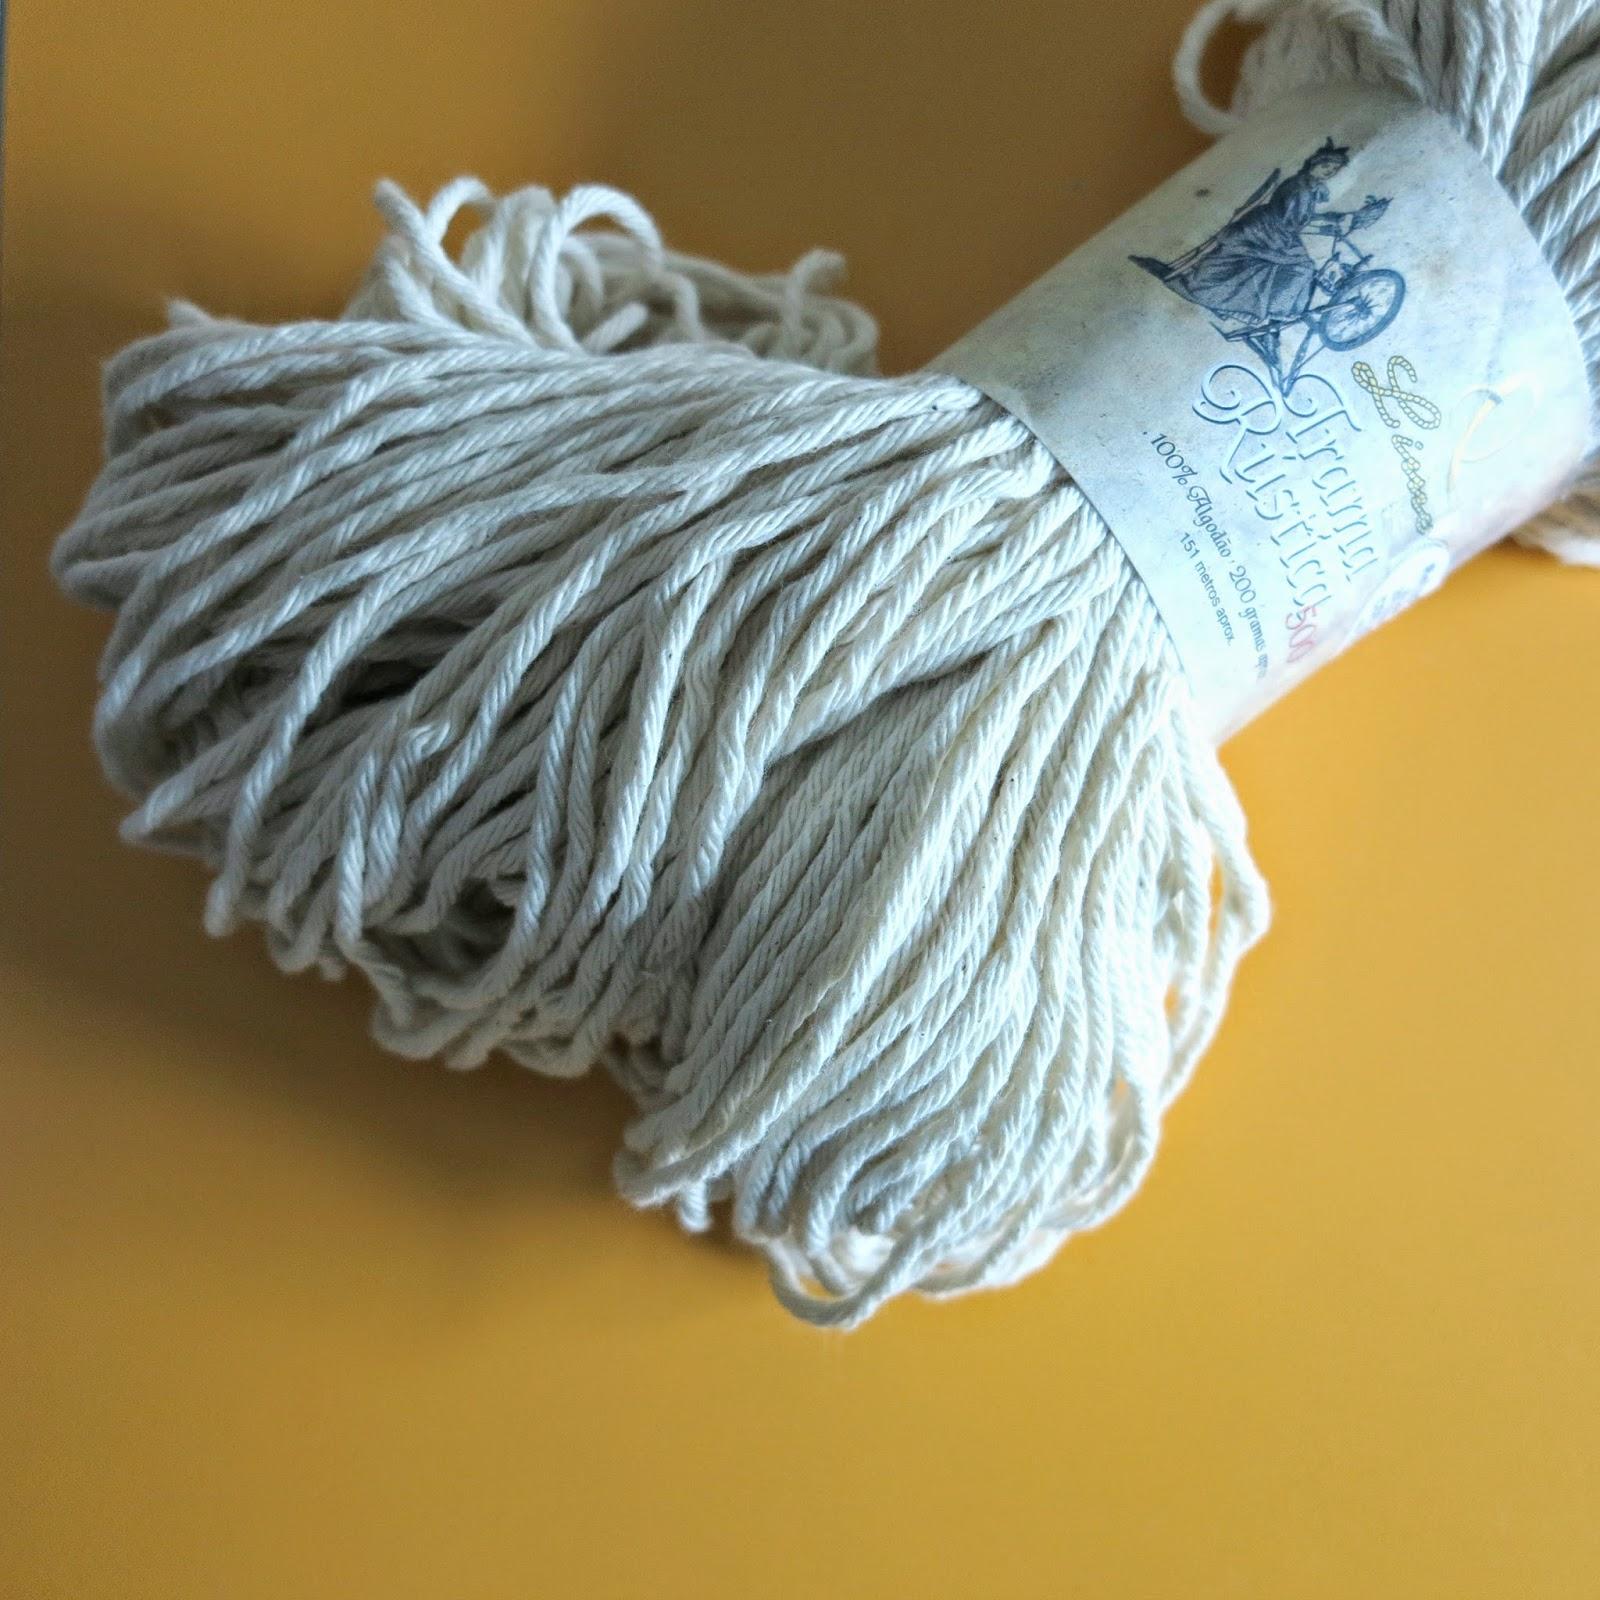 ByHaafner, Portuguese cotton yarn, Trama Rustica